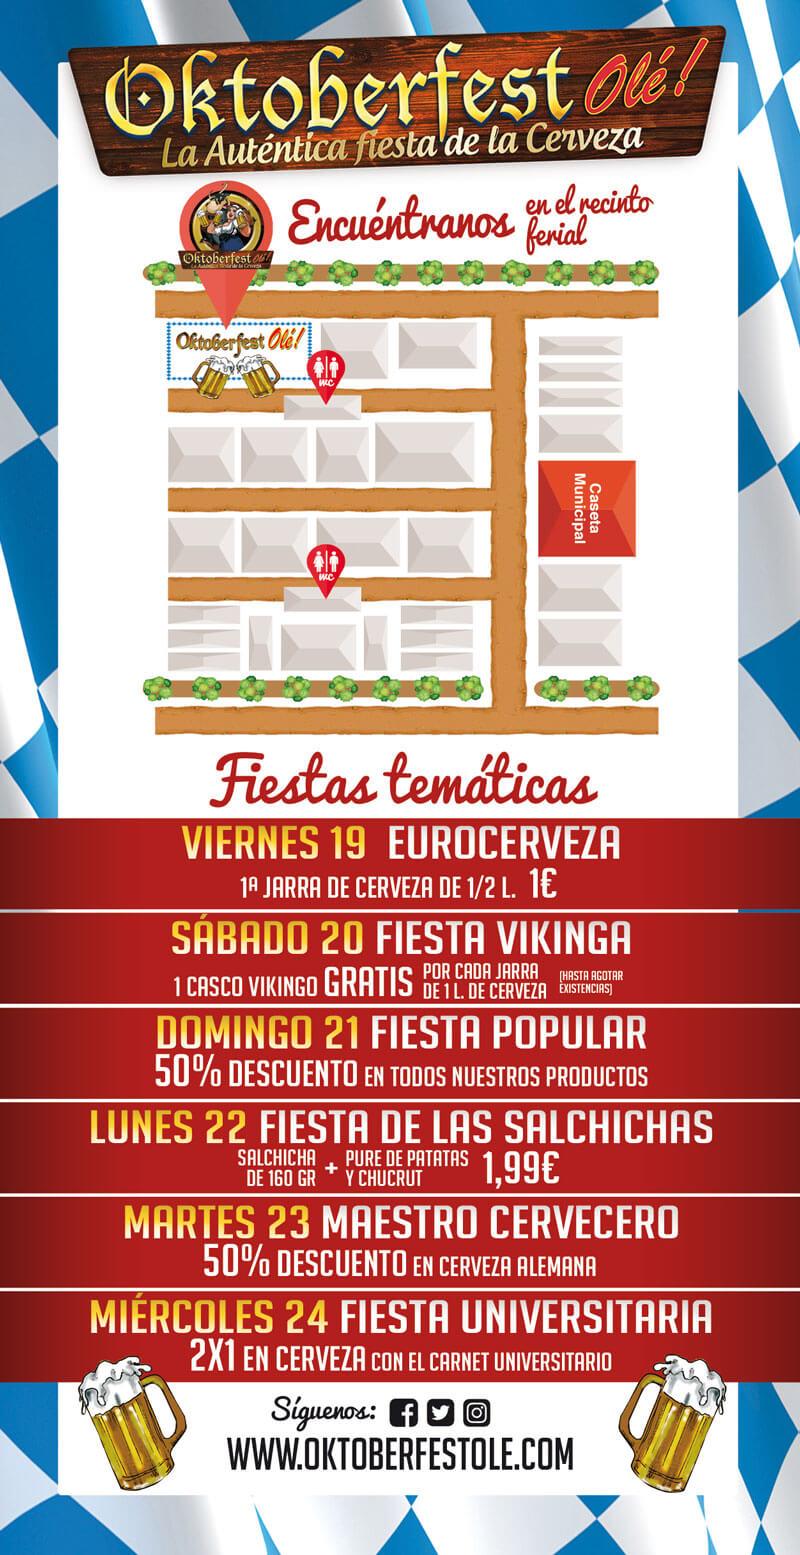 OktoberfestOlé! Cáceres